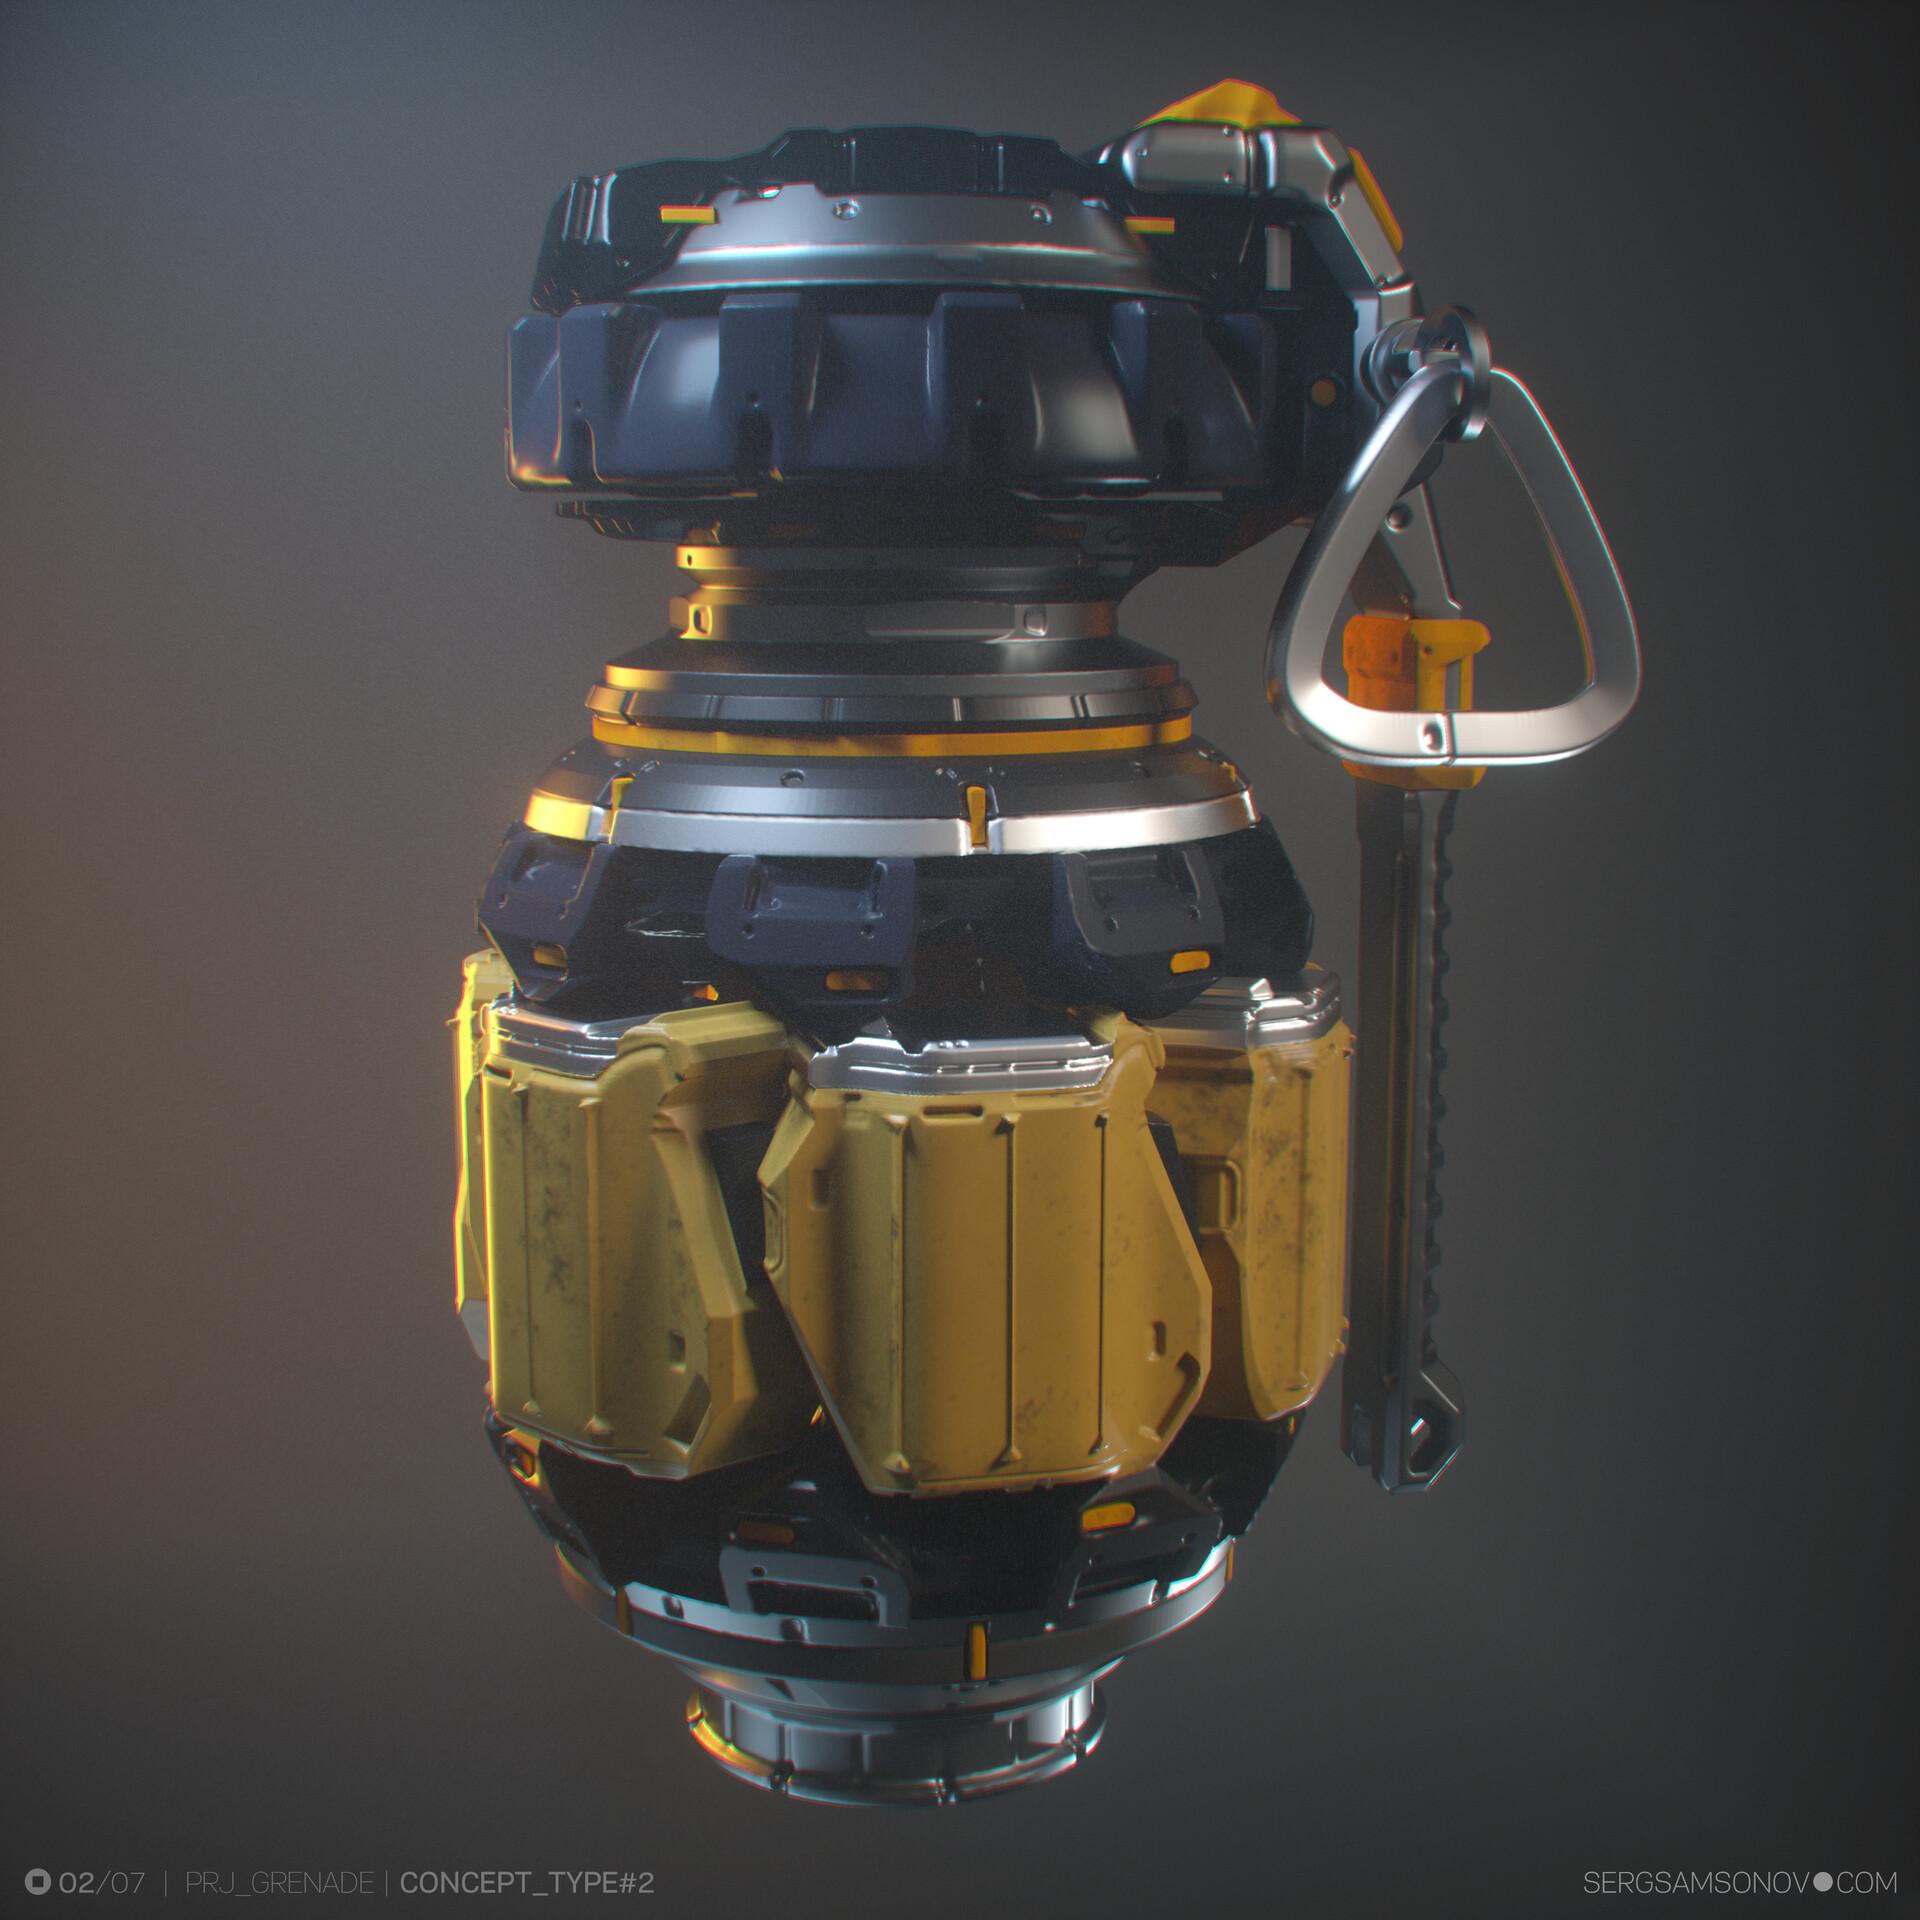 serge-samsonov-sergsamsonovcom-grenade-0